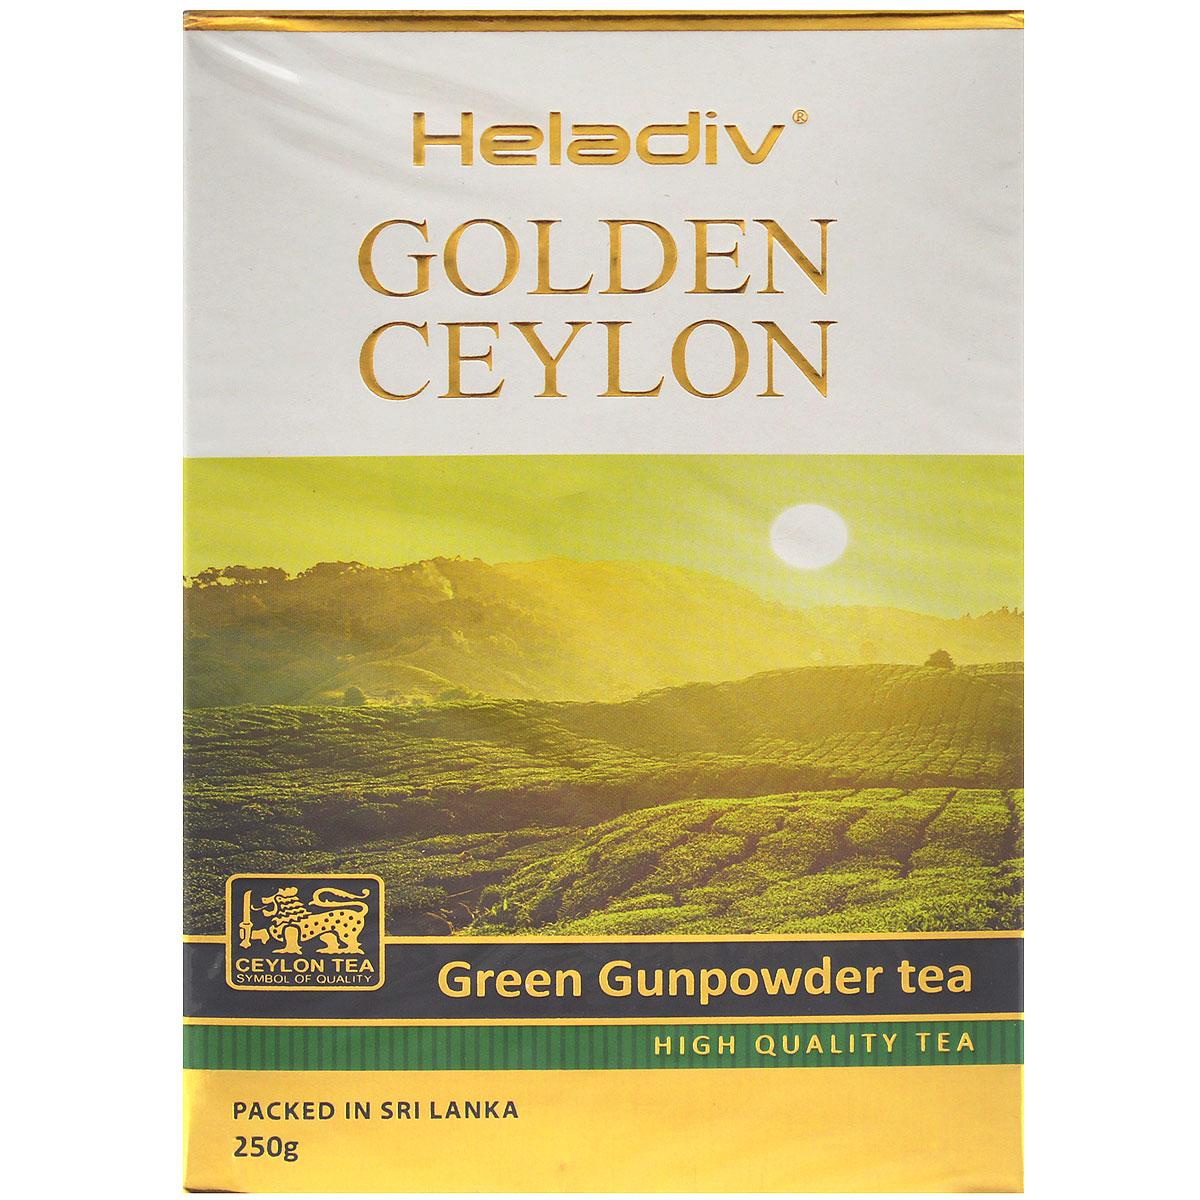 Heladiv Golden Ceylon Green Gunpowder зеленый листовой чай, 250 г0120710Heladiv Golden Ceylon Green Gunpowder - зеленый крупнолистовой чай высшей категории с насыщенным терпким вкусом и изысканным ароматом. Мягкий золотистый настой напитка помогает расслабиться и почувствовать умиротворение после длинного насыщенного дня. Green Gunpowder прекрасно тонизирует, содержит множество полезных минералов и витаминов. Отличный помощник для тех, кто следит за своим здоровьем и фигурой.